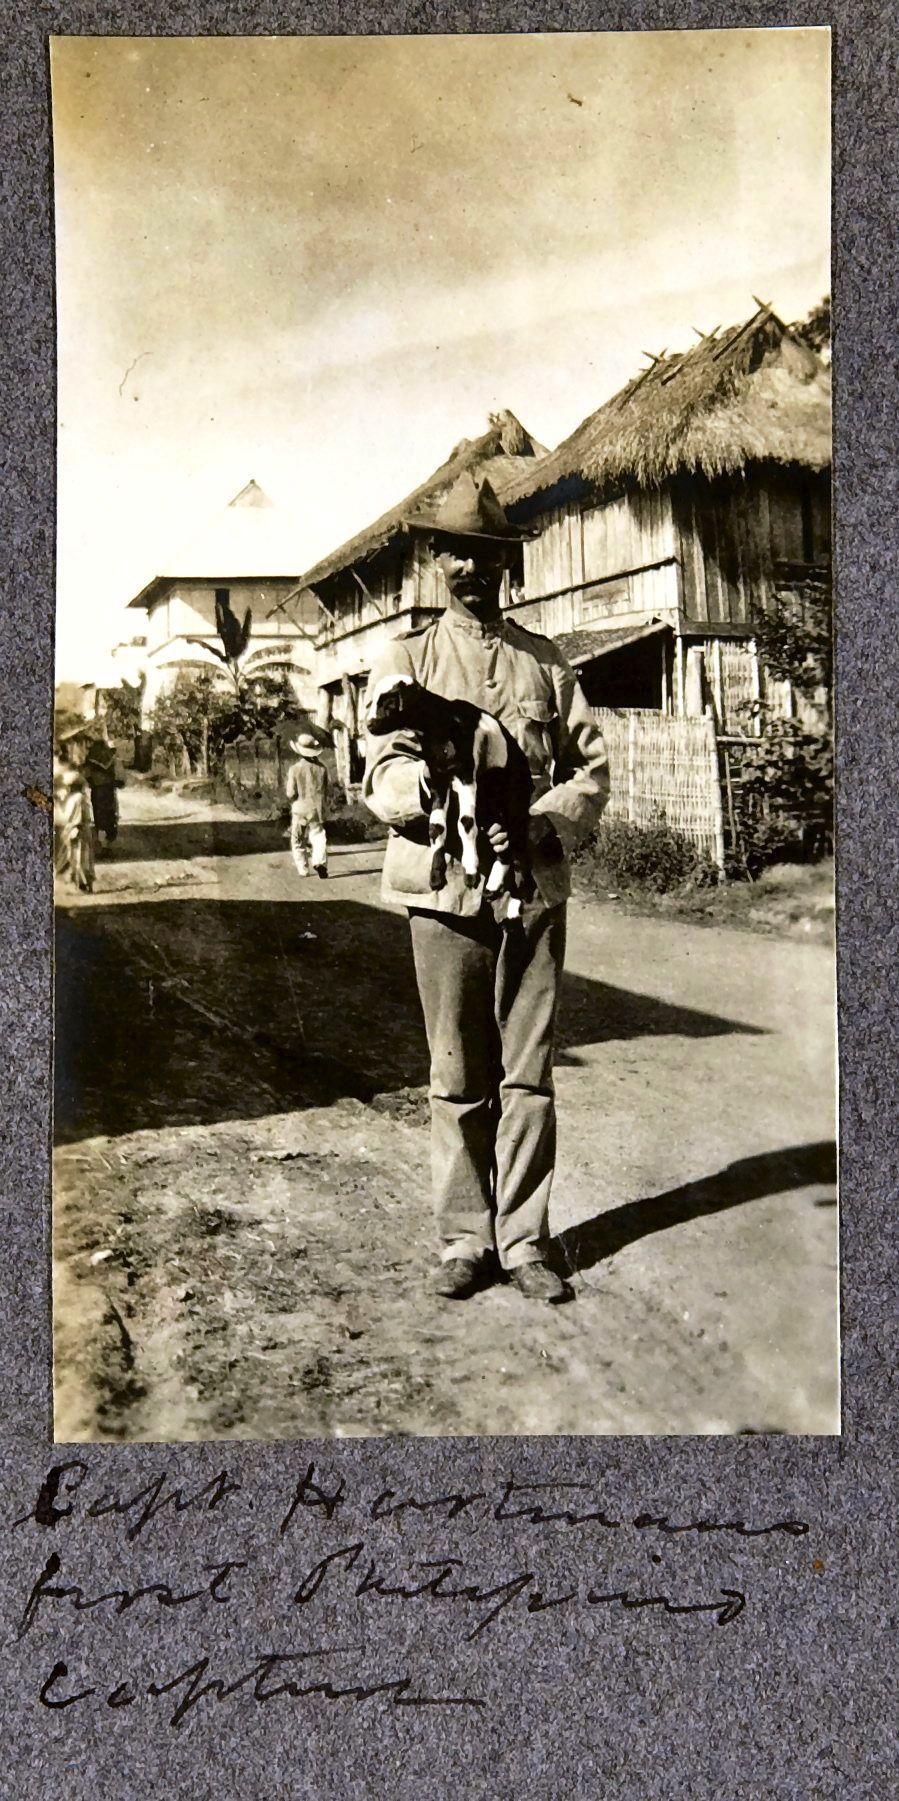 28. Первый филиппинский пленный капитана Хартманна